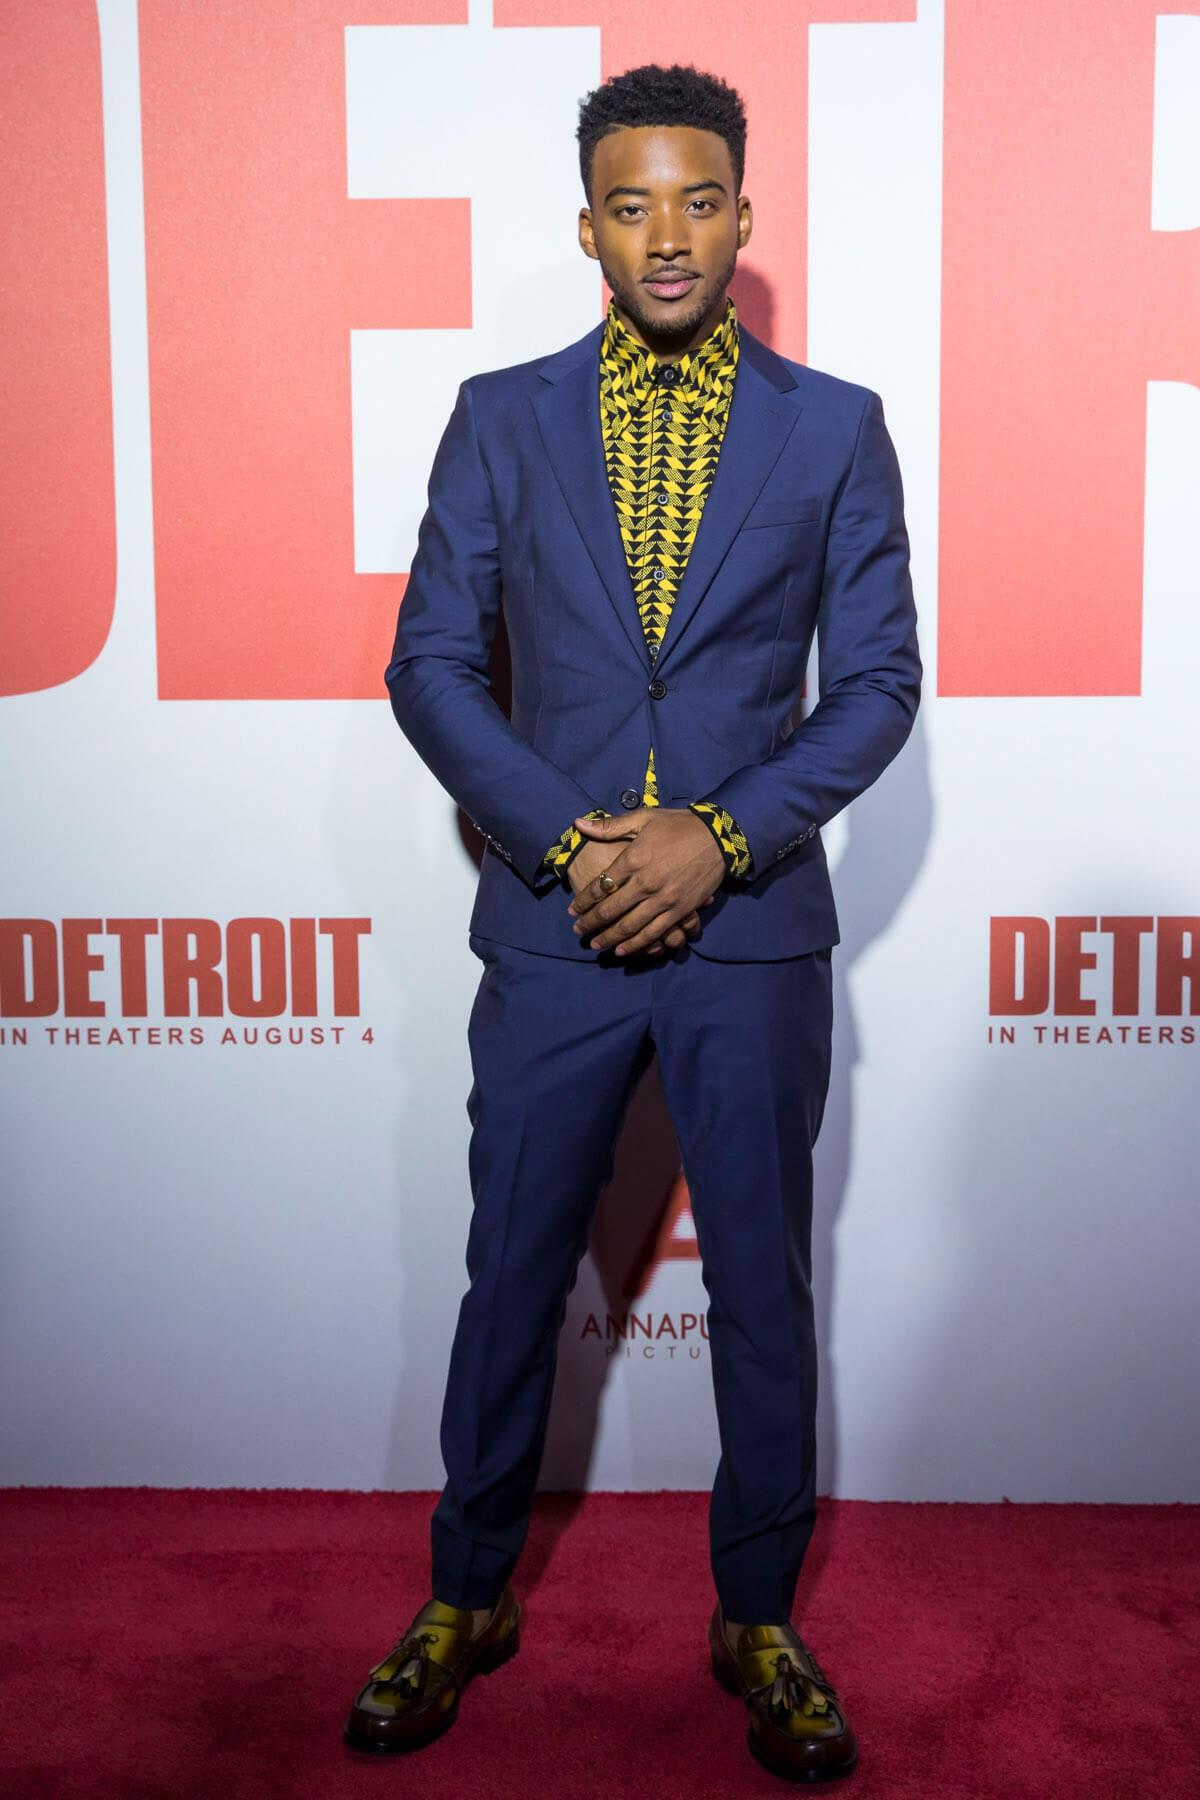 Algee Smith PRADA FW17 Detroit Premiere 25.07.2017 Detroit